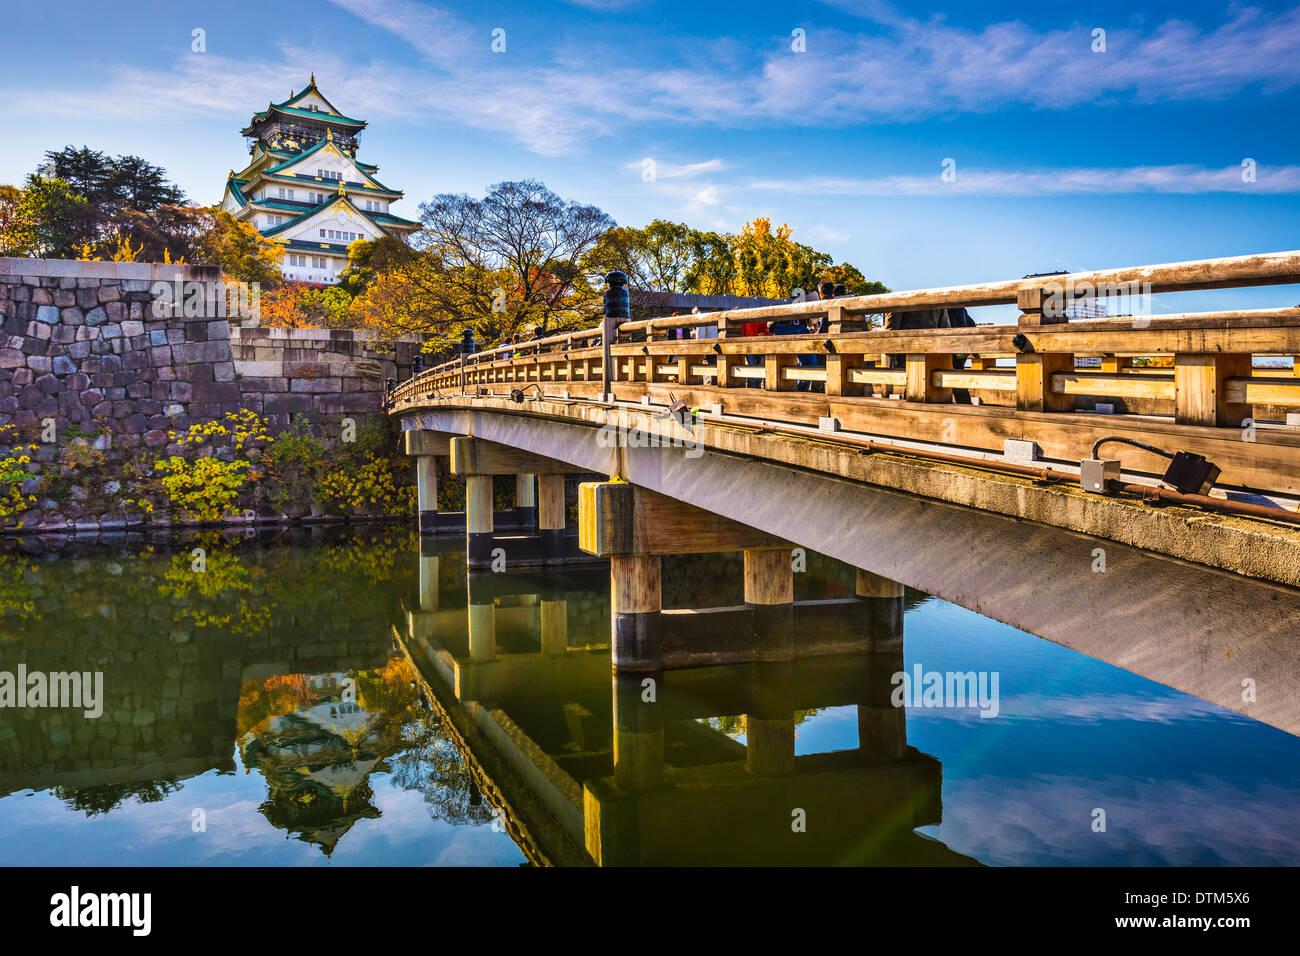 Il Castello di Osaka in Giappone. Immagini Stock